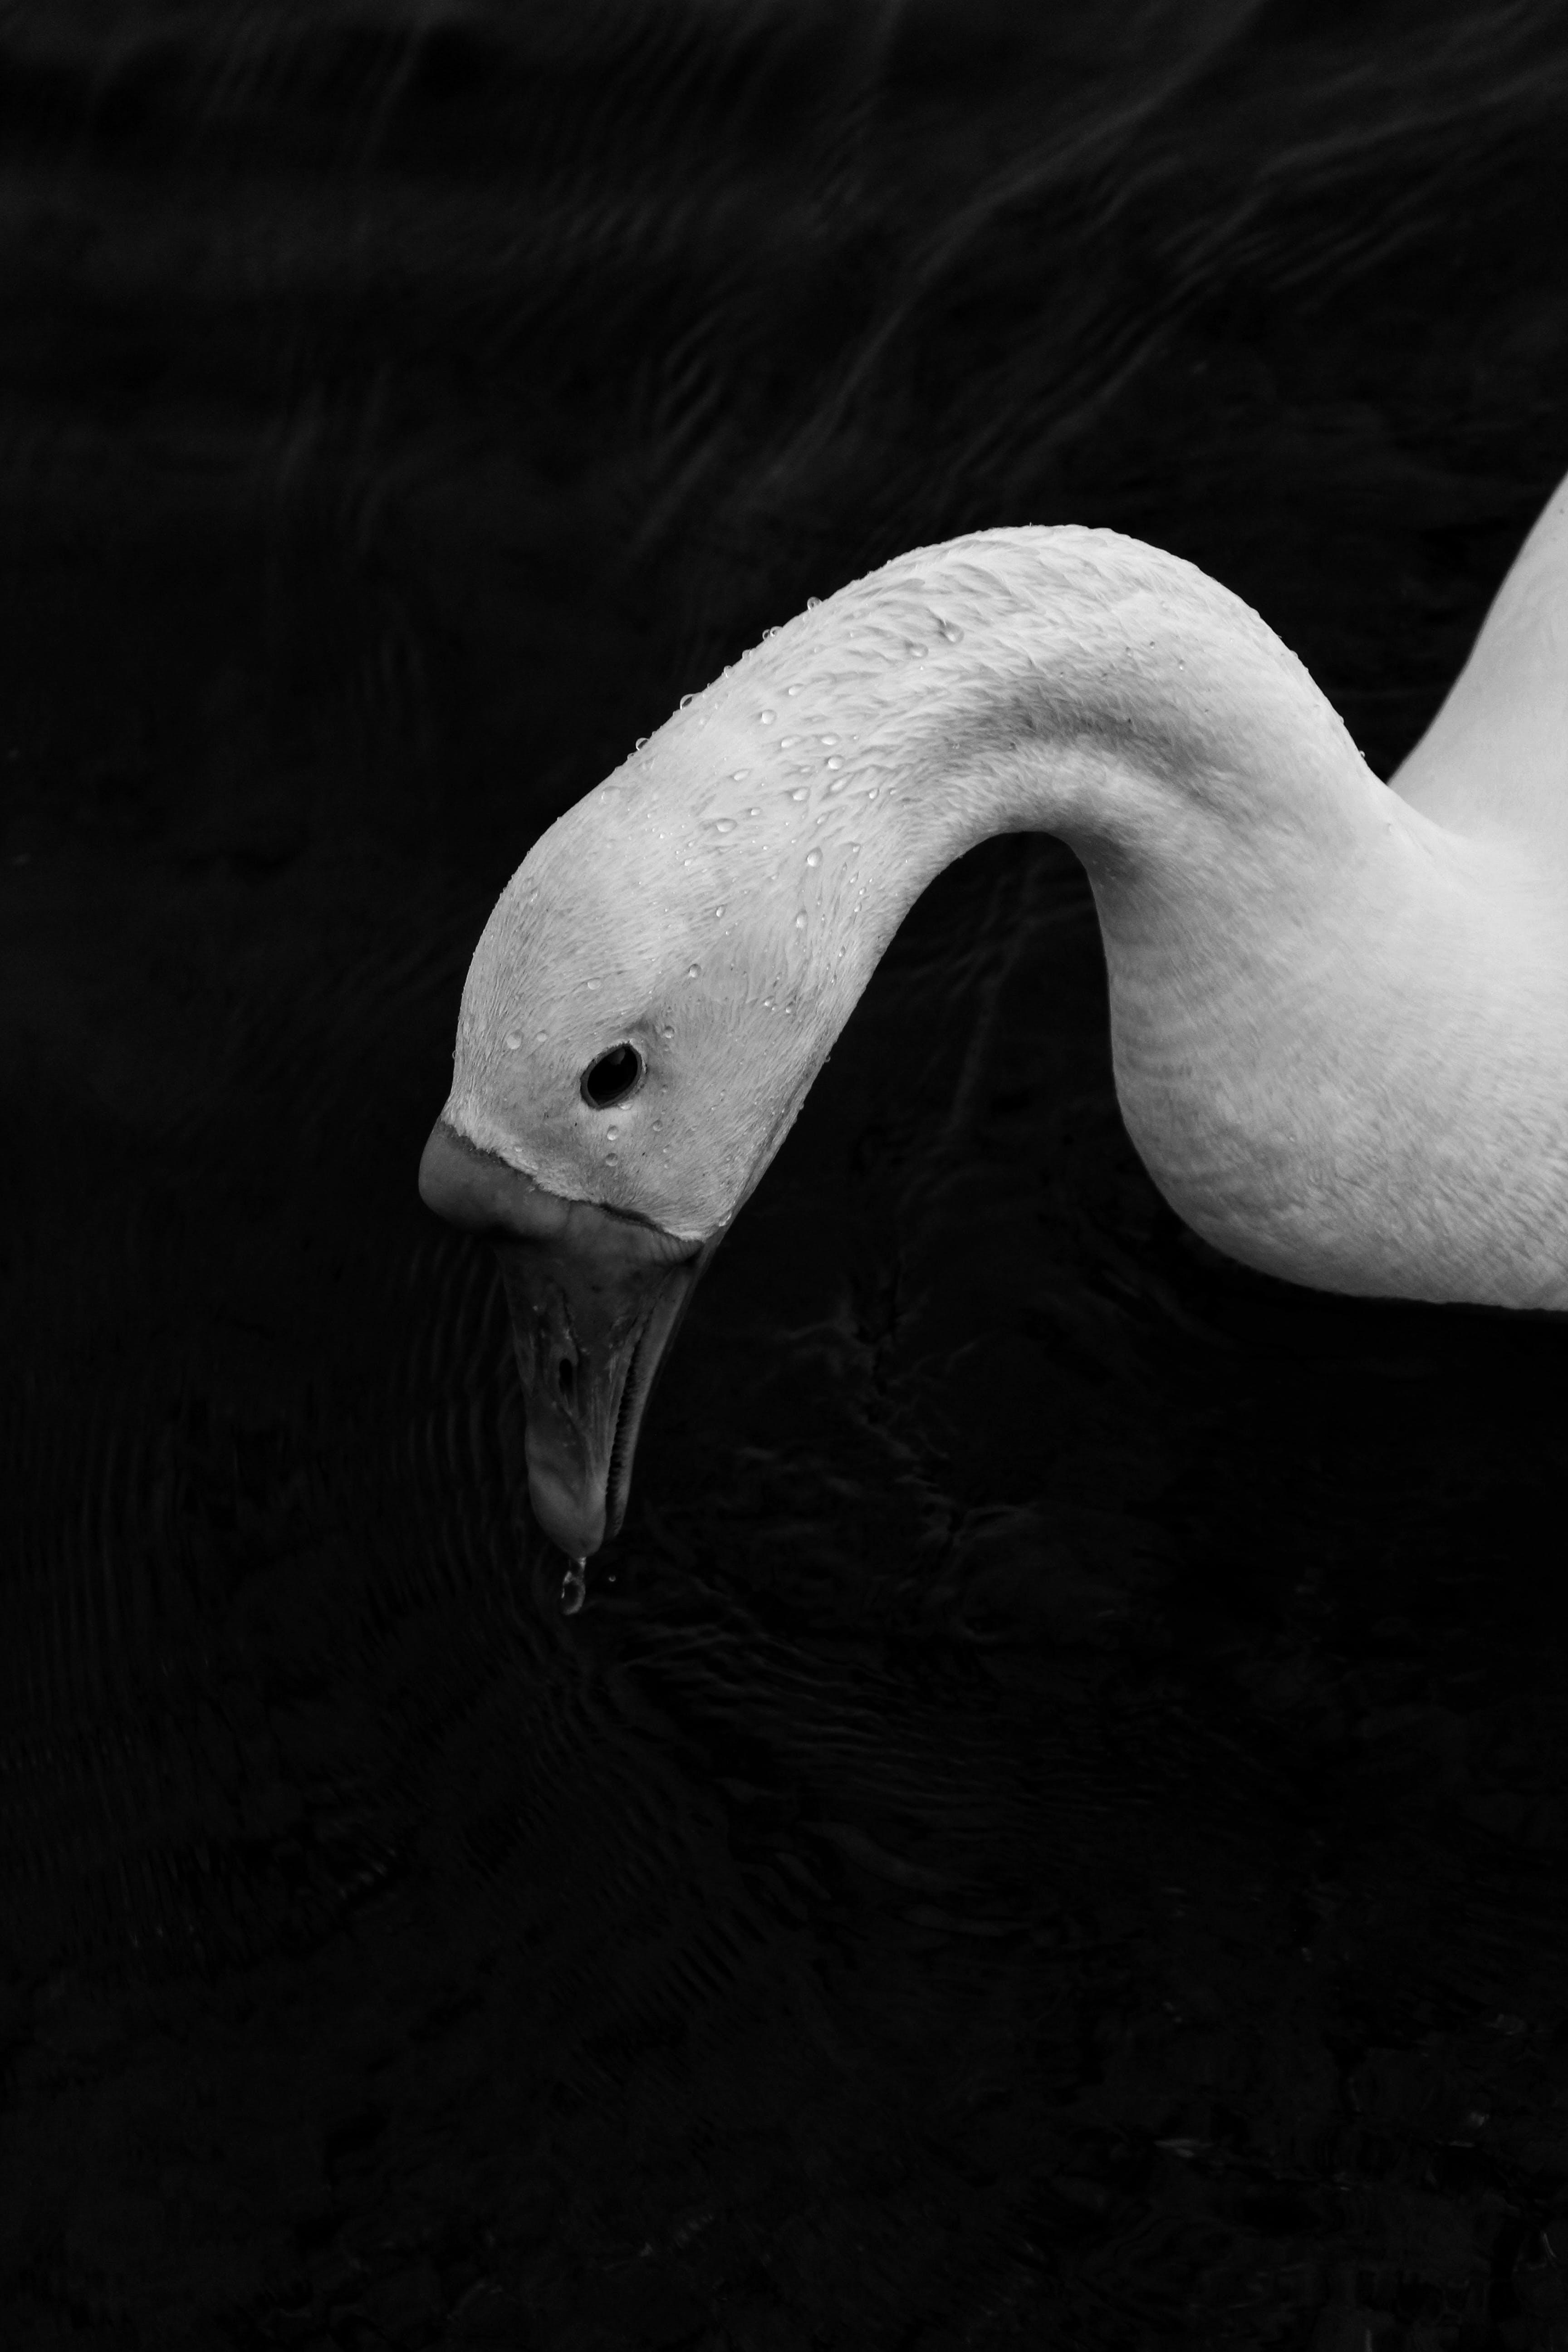 Δωρεάν στοκ φωτογραφιών με ασπρόμαυρο